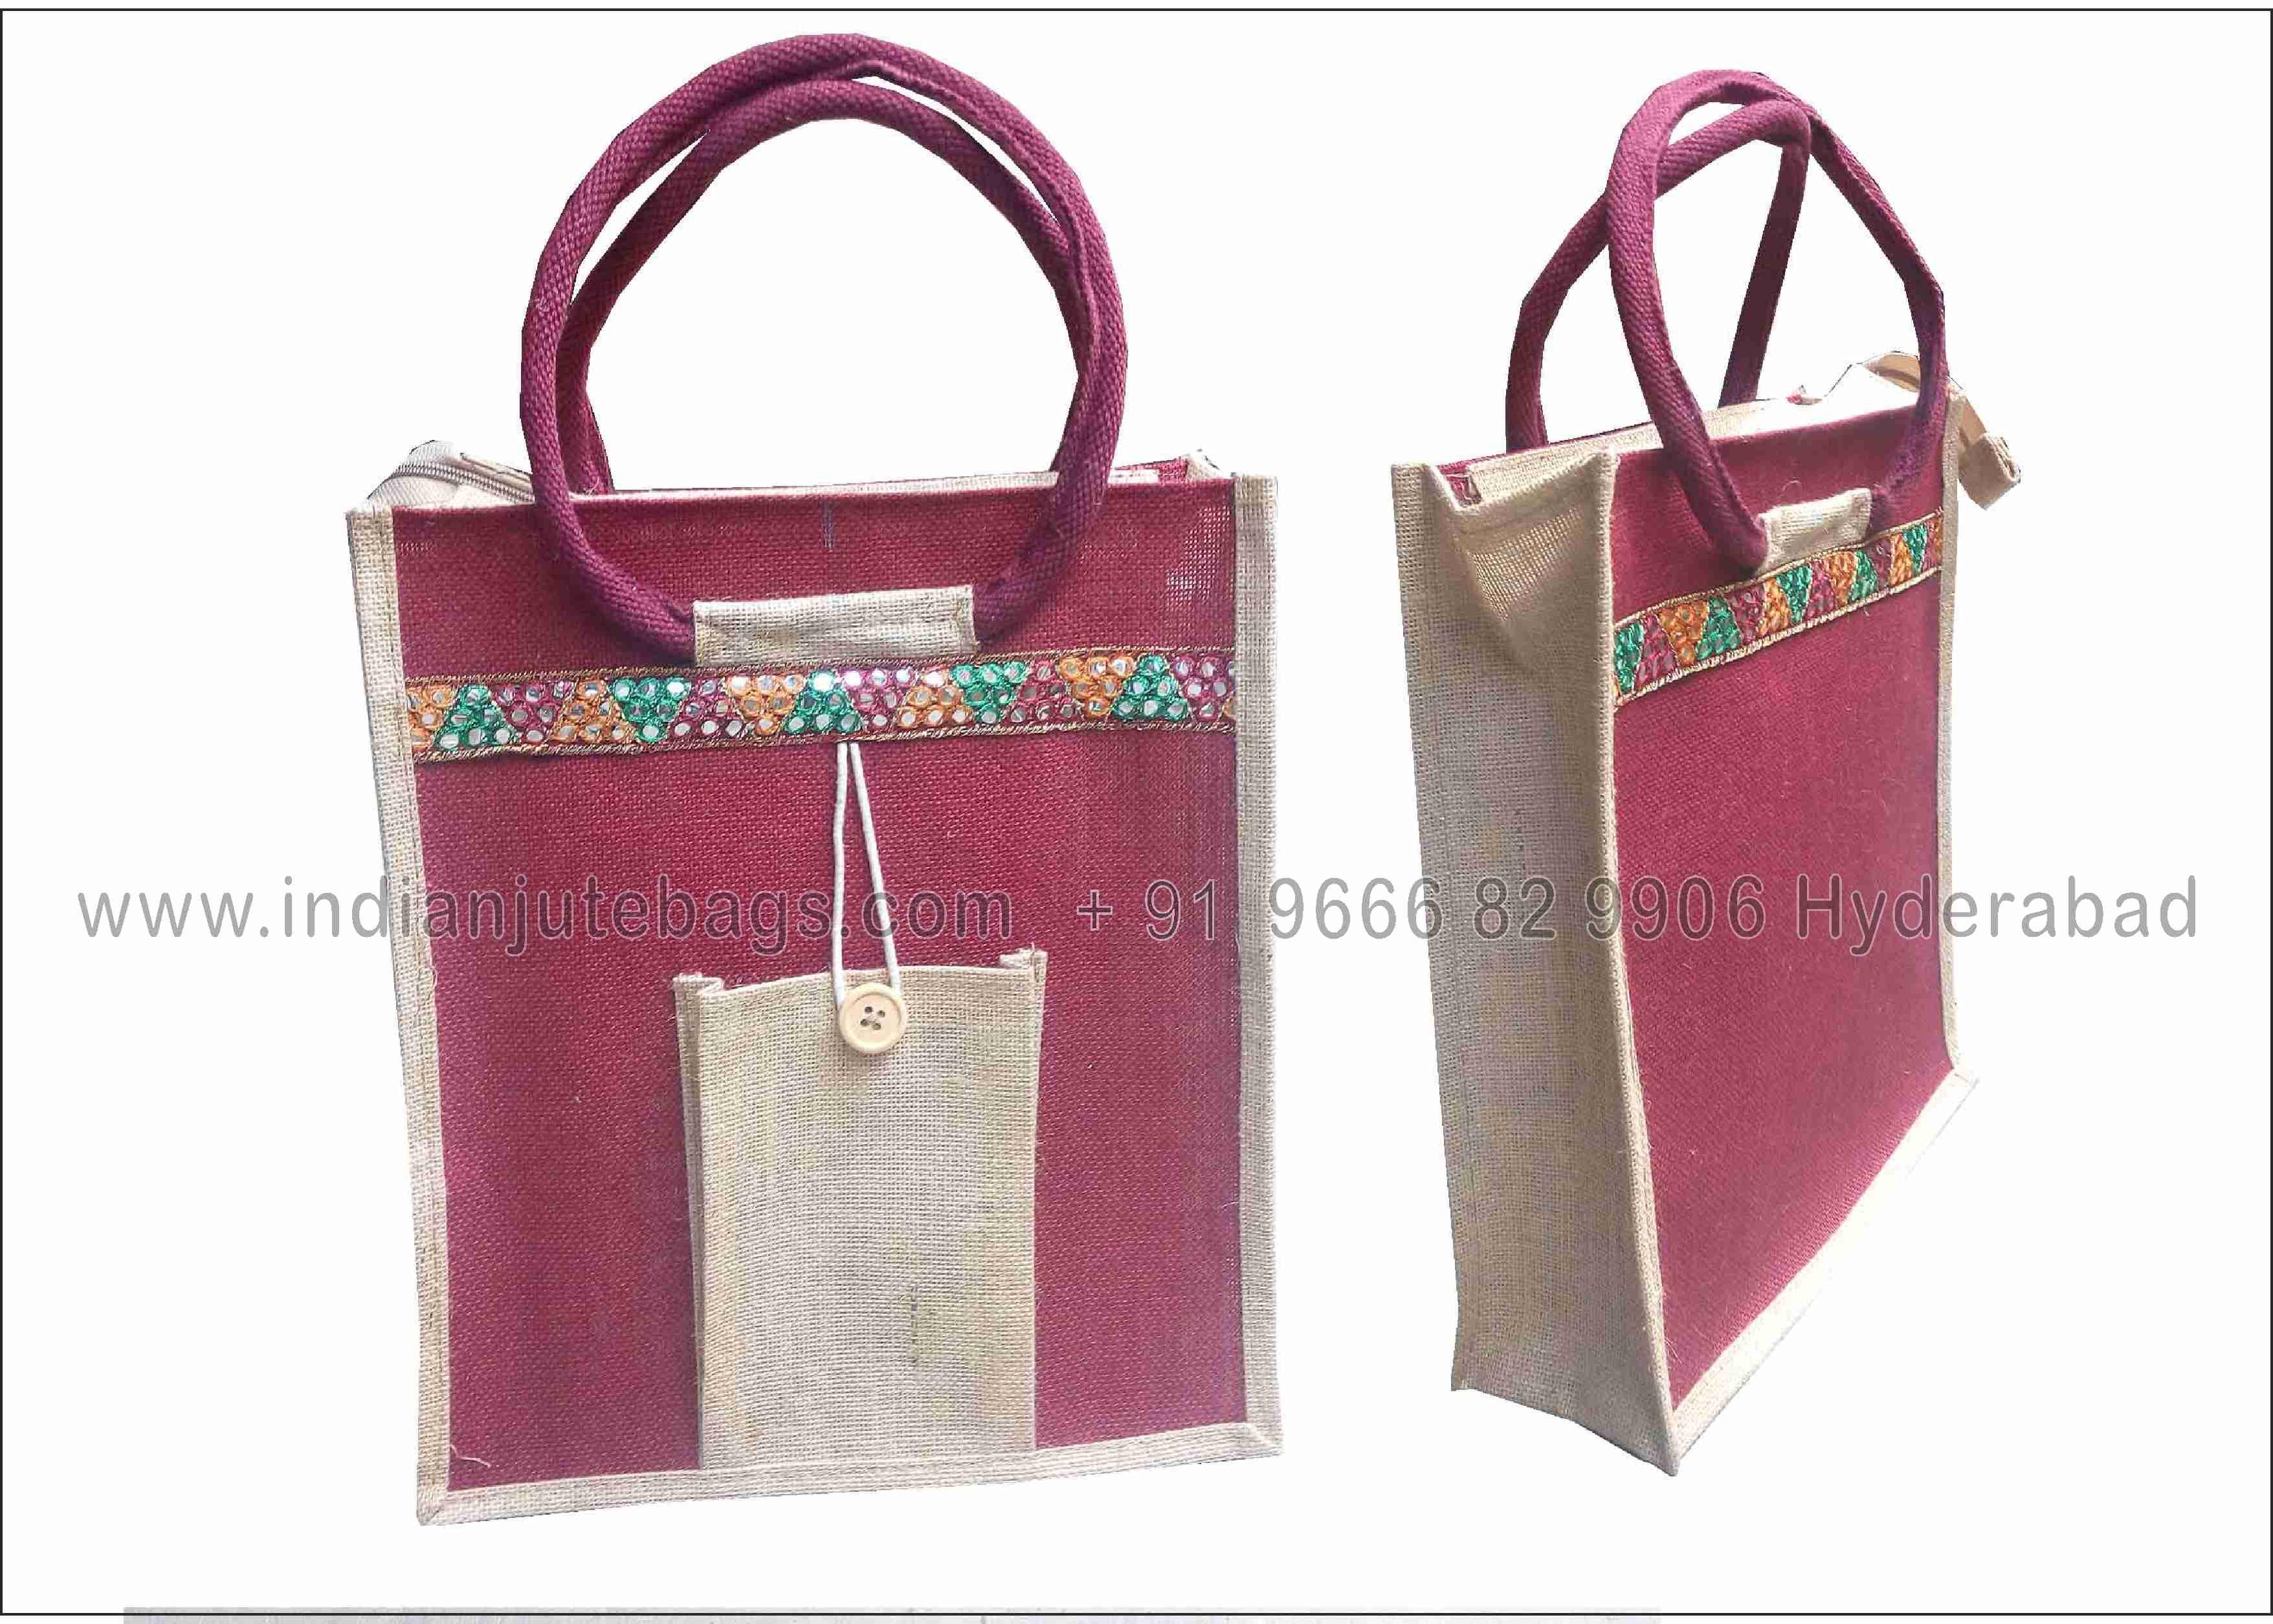 Indian jute bags